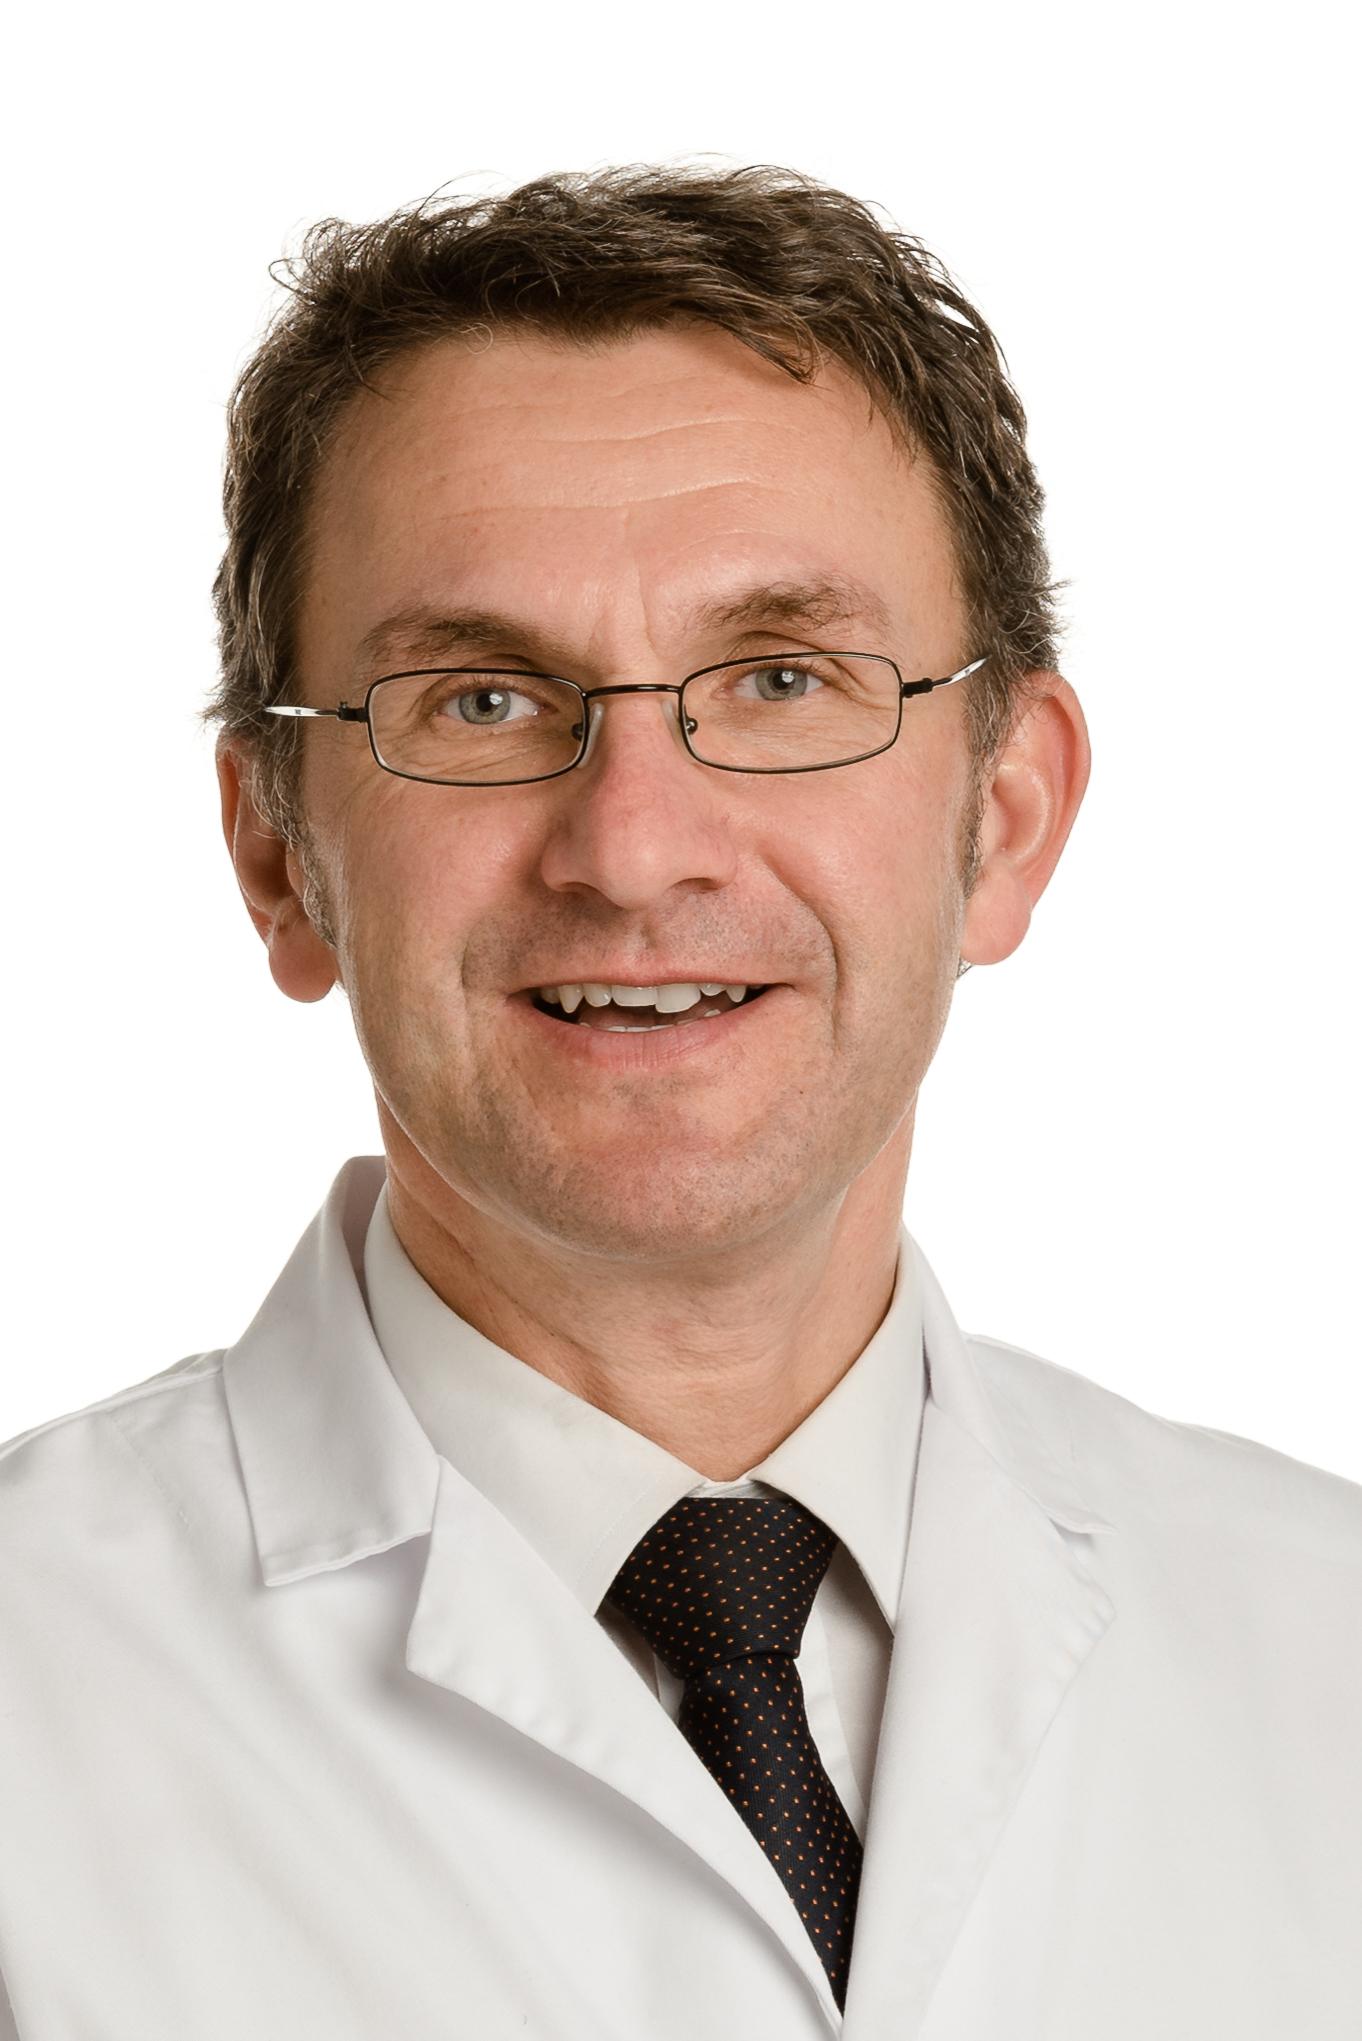 Jochen Rössler, MD, PhD